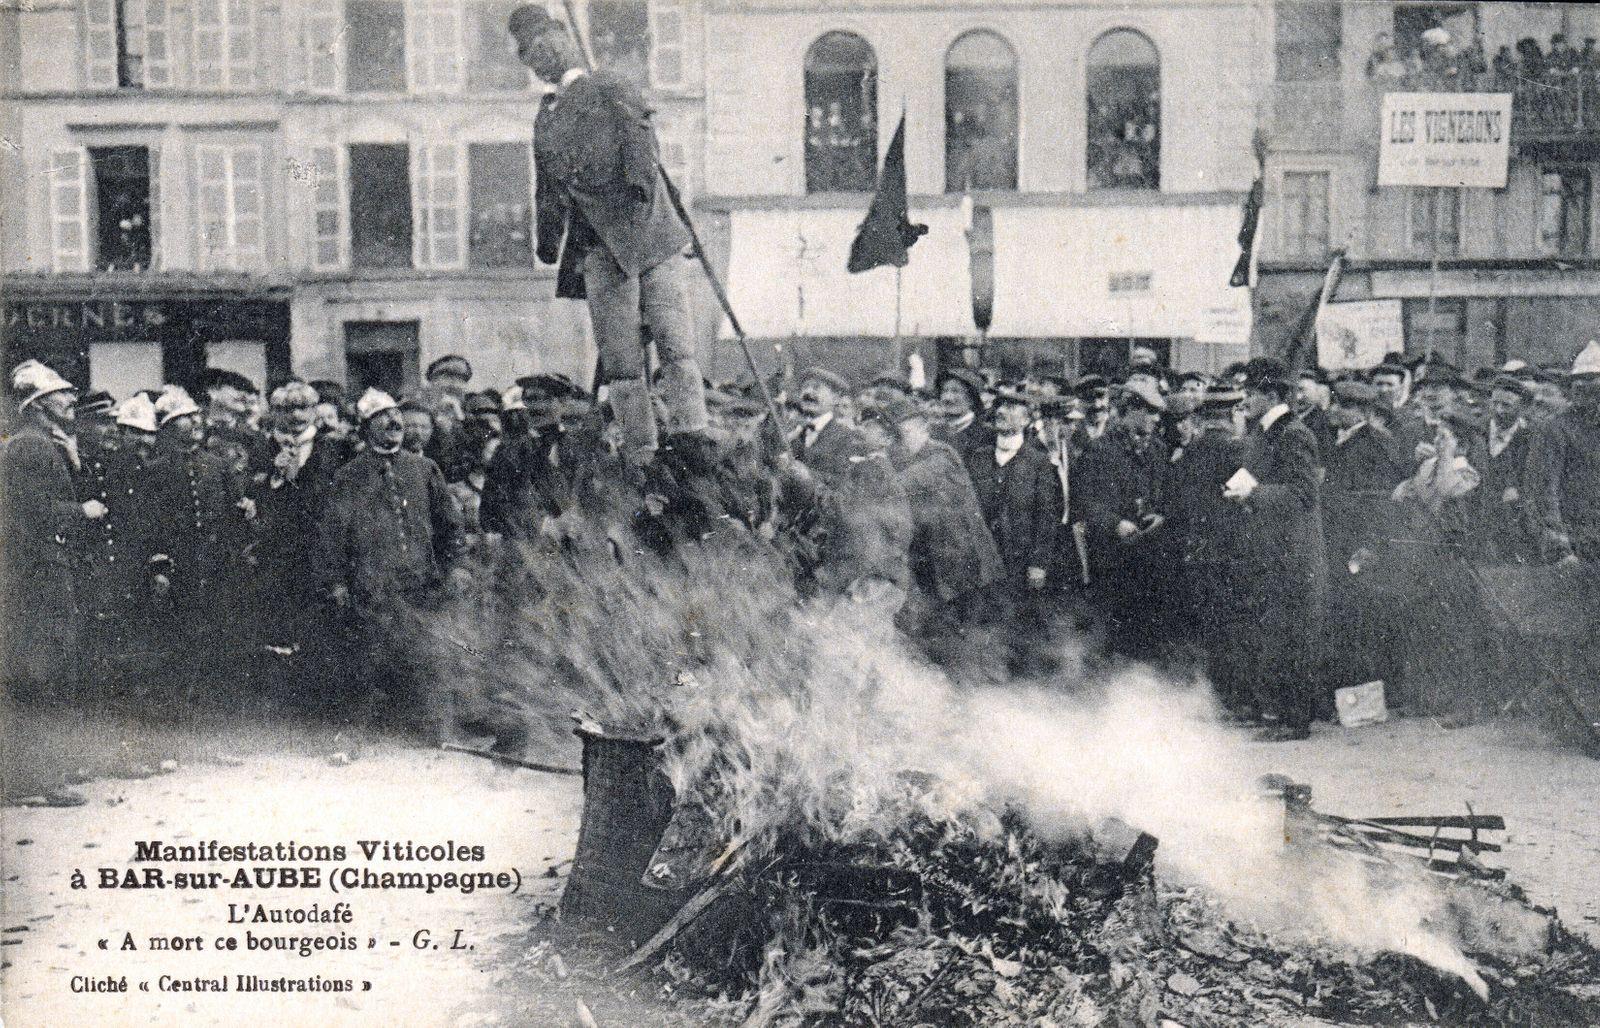 CRISE VITICOLE 1911 Manifestations viticoles a Bar sur Aube (Champagne). L autodafe A mort ce bourgeois . Manifestations